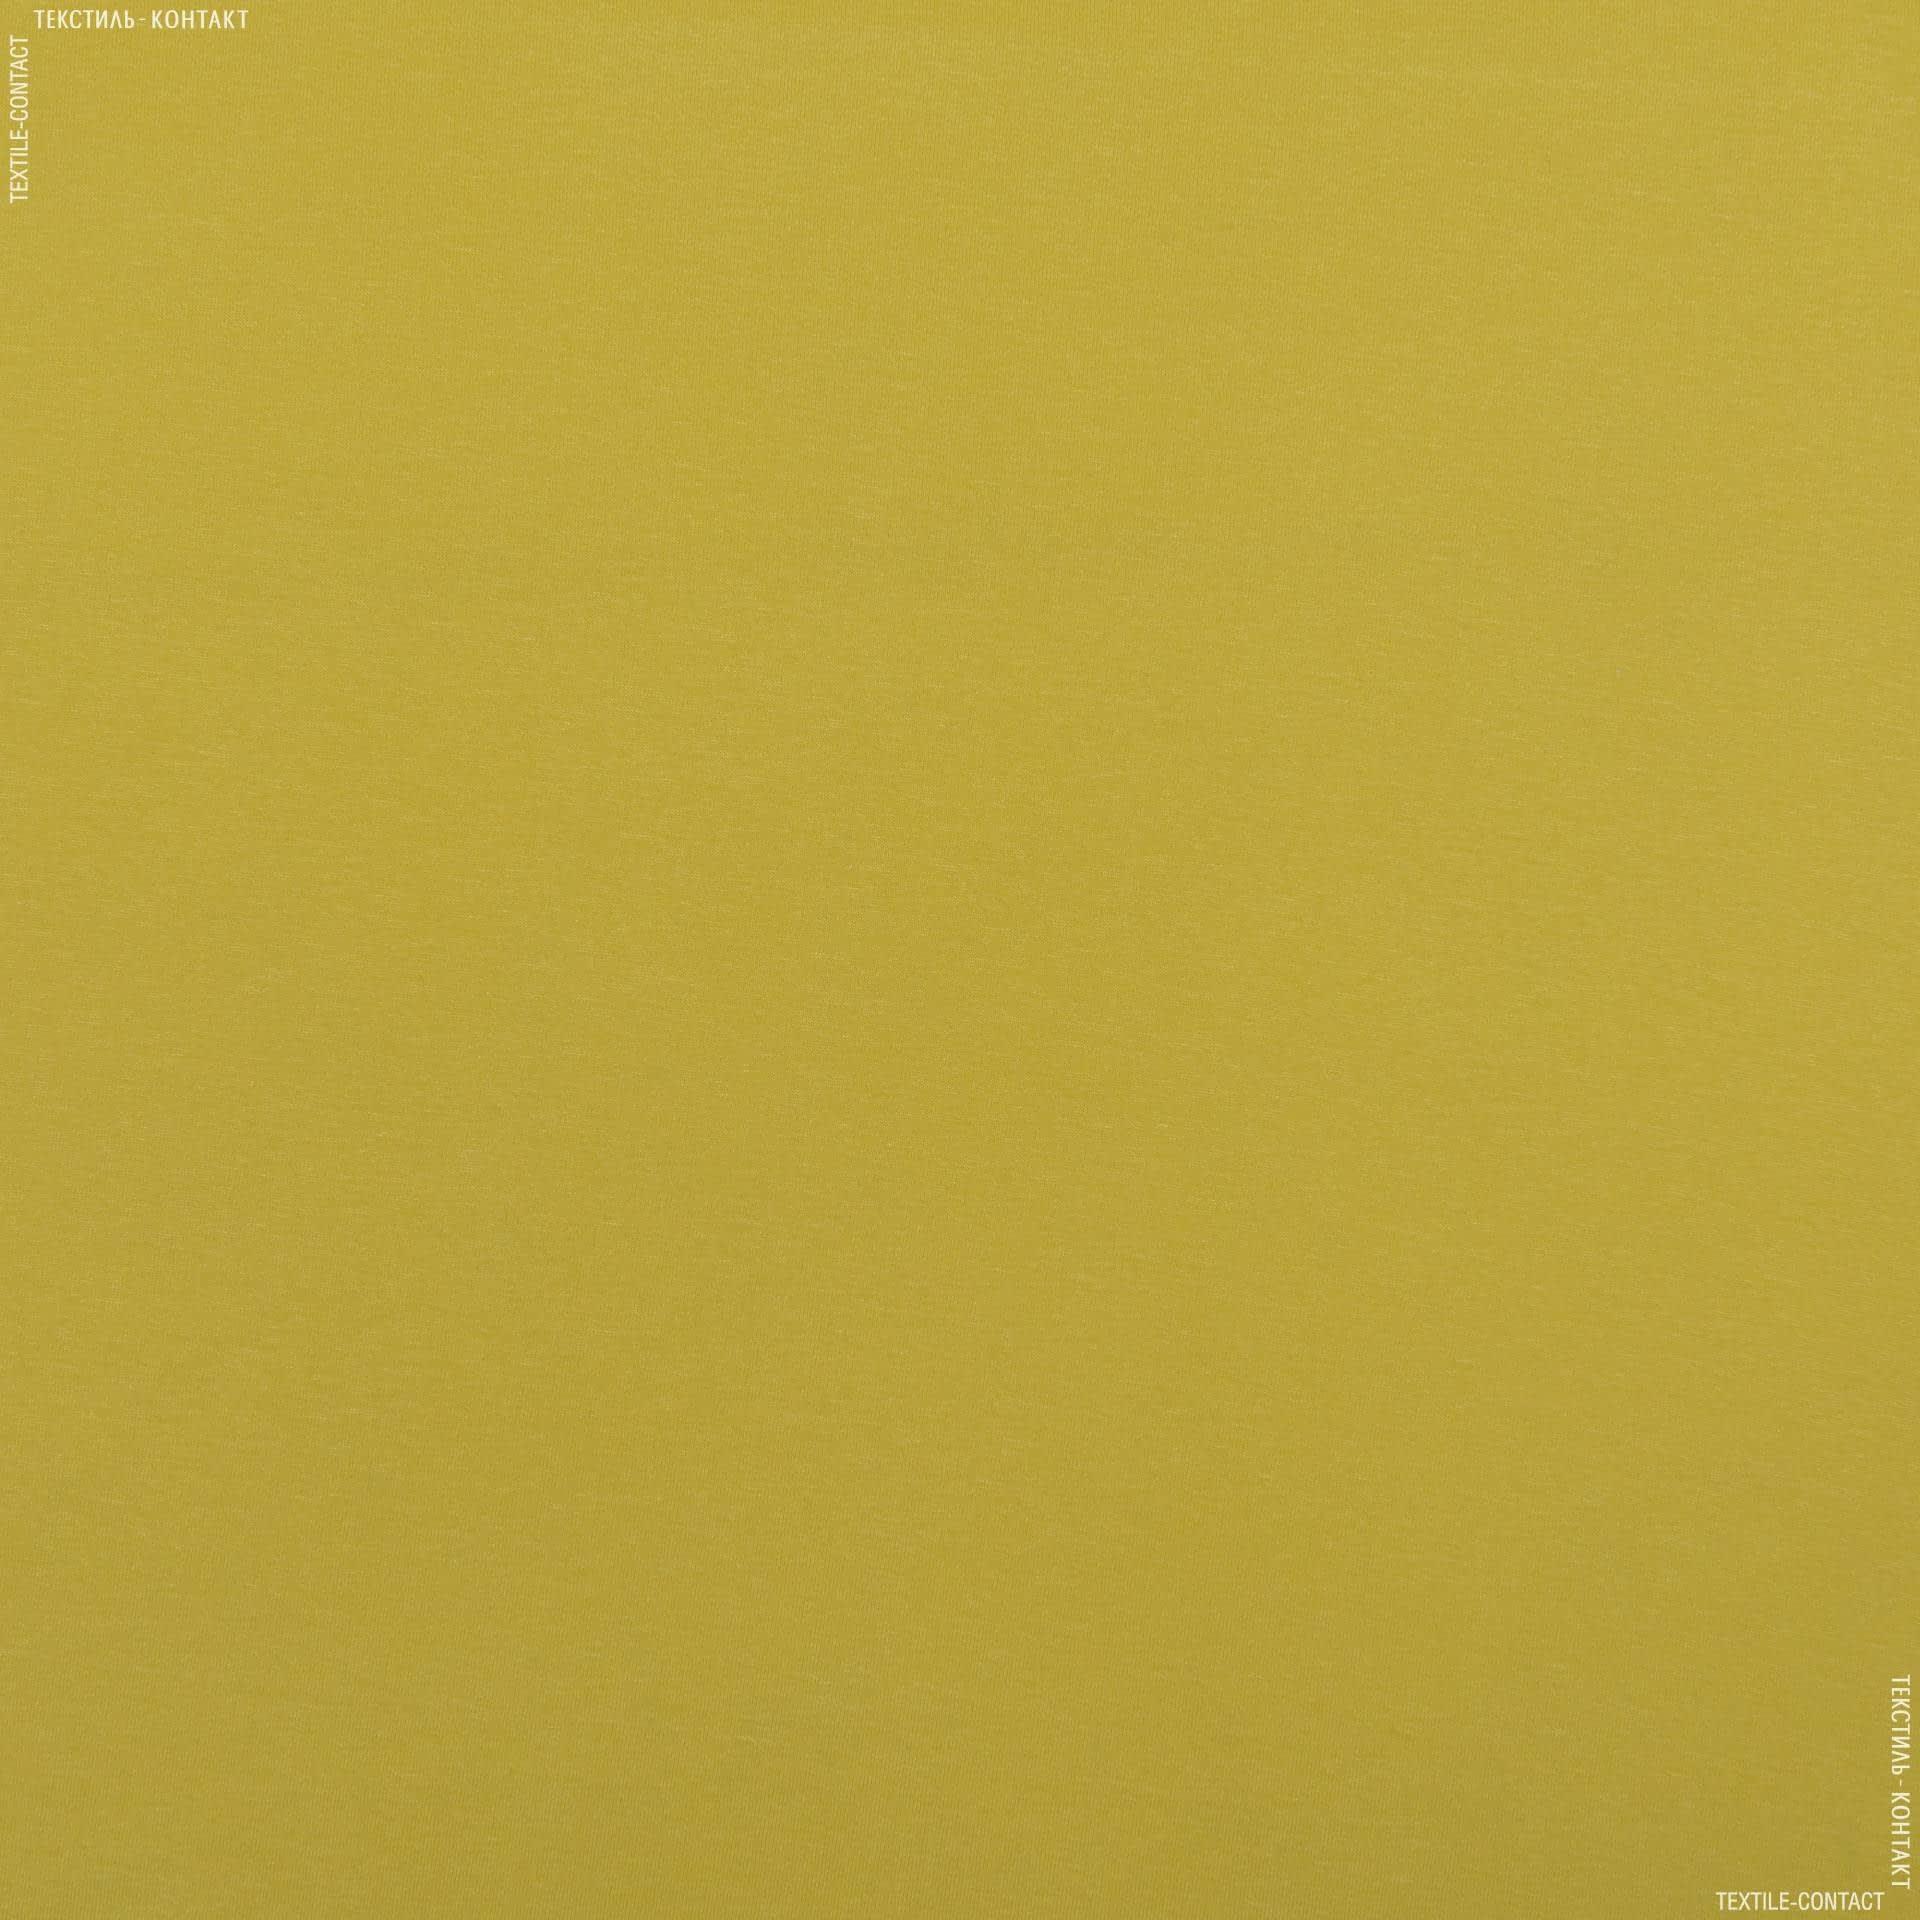 Ткани для спортивной одежды - Кулир-стрейч лимонный